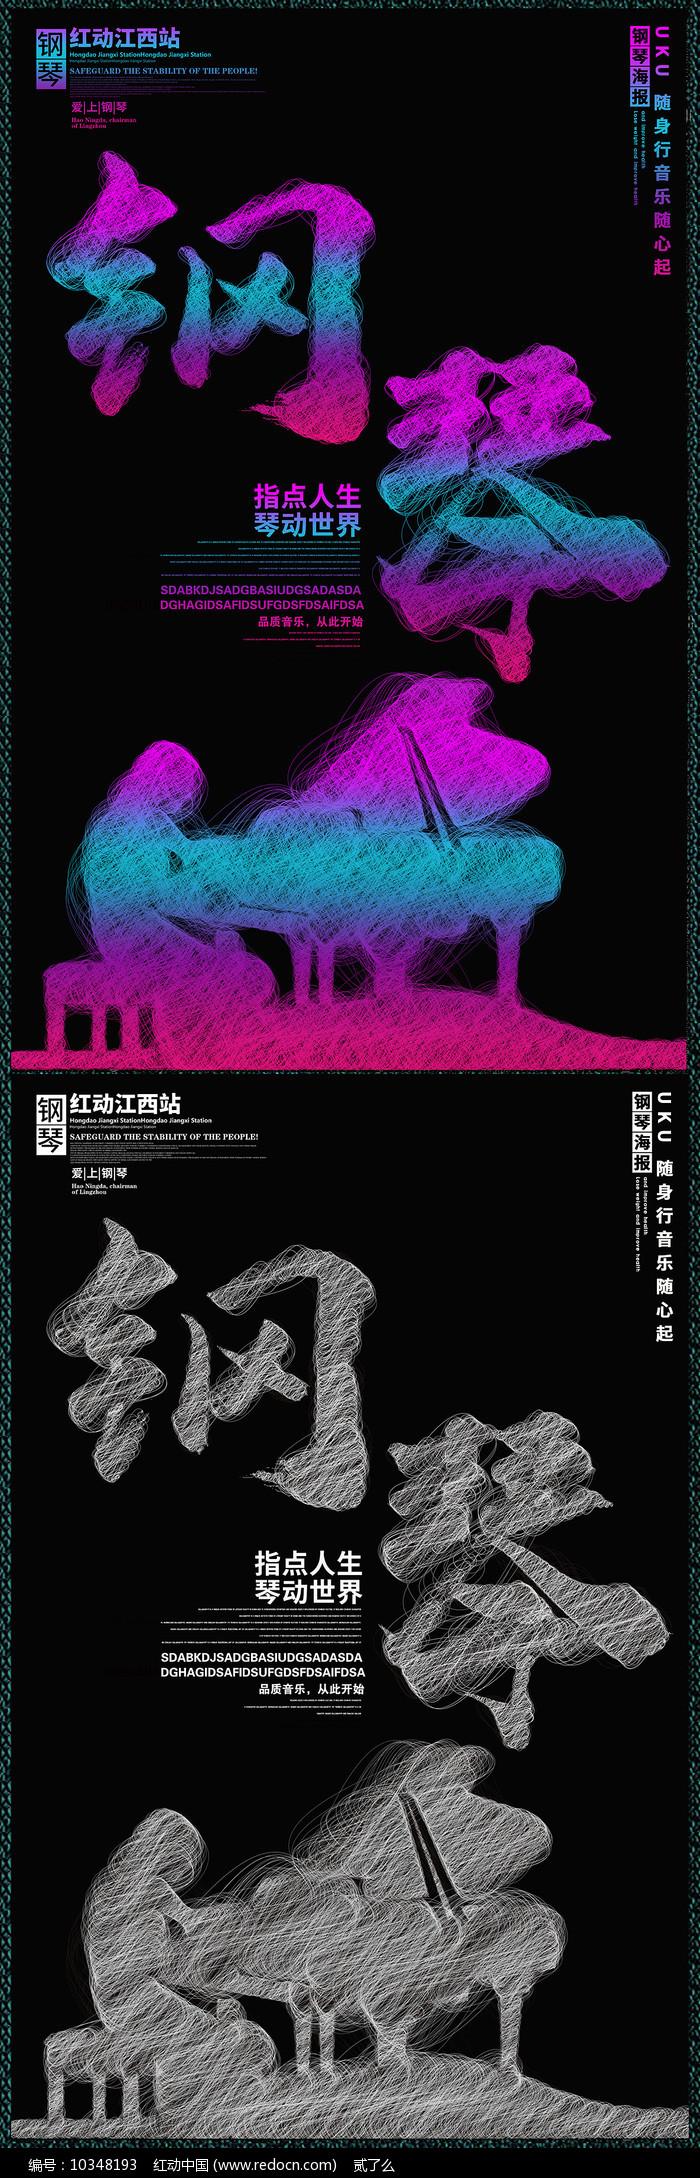 创意钢琴宣传海报设计图片